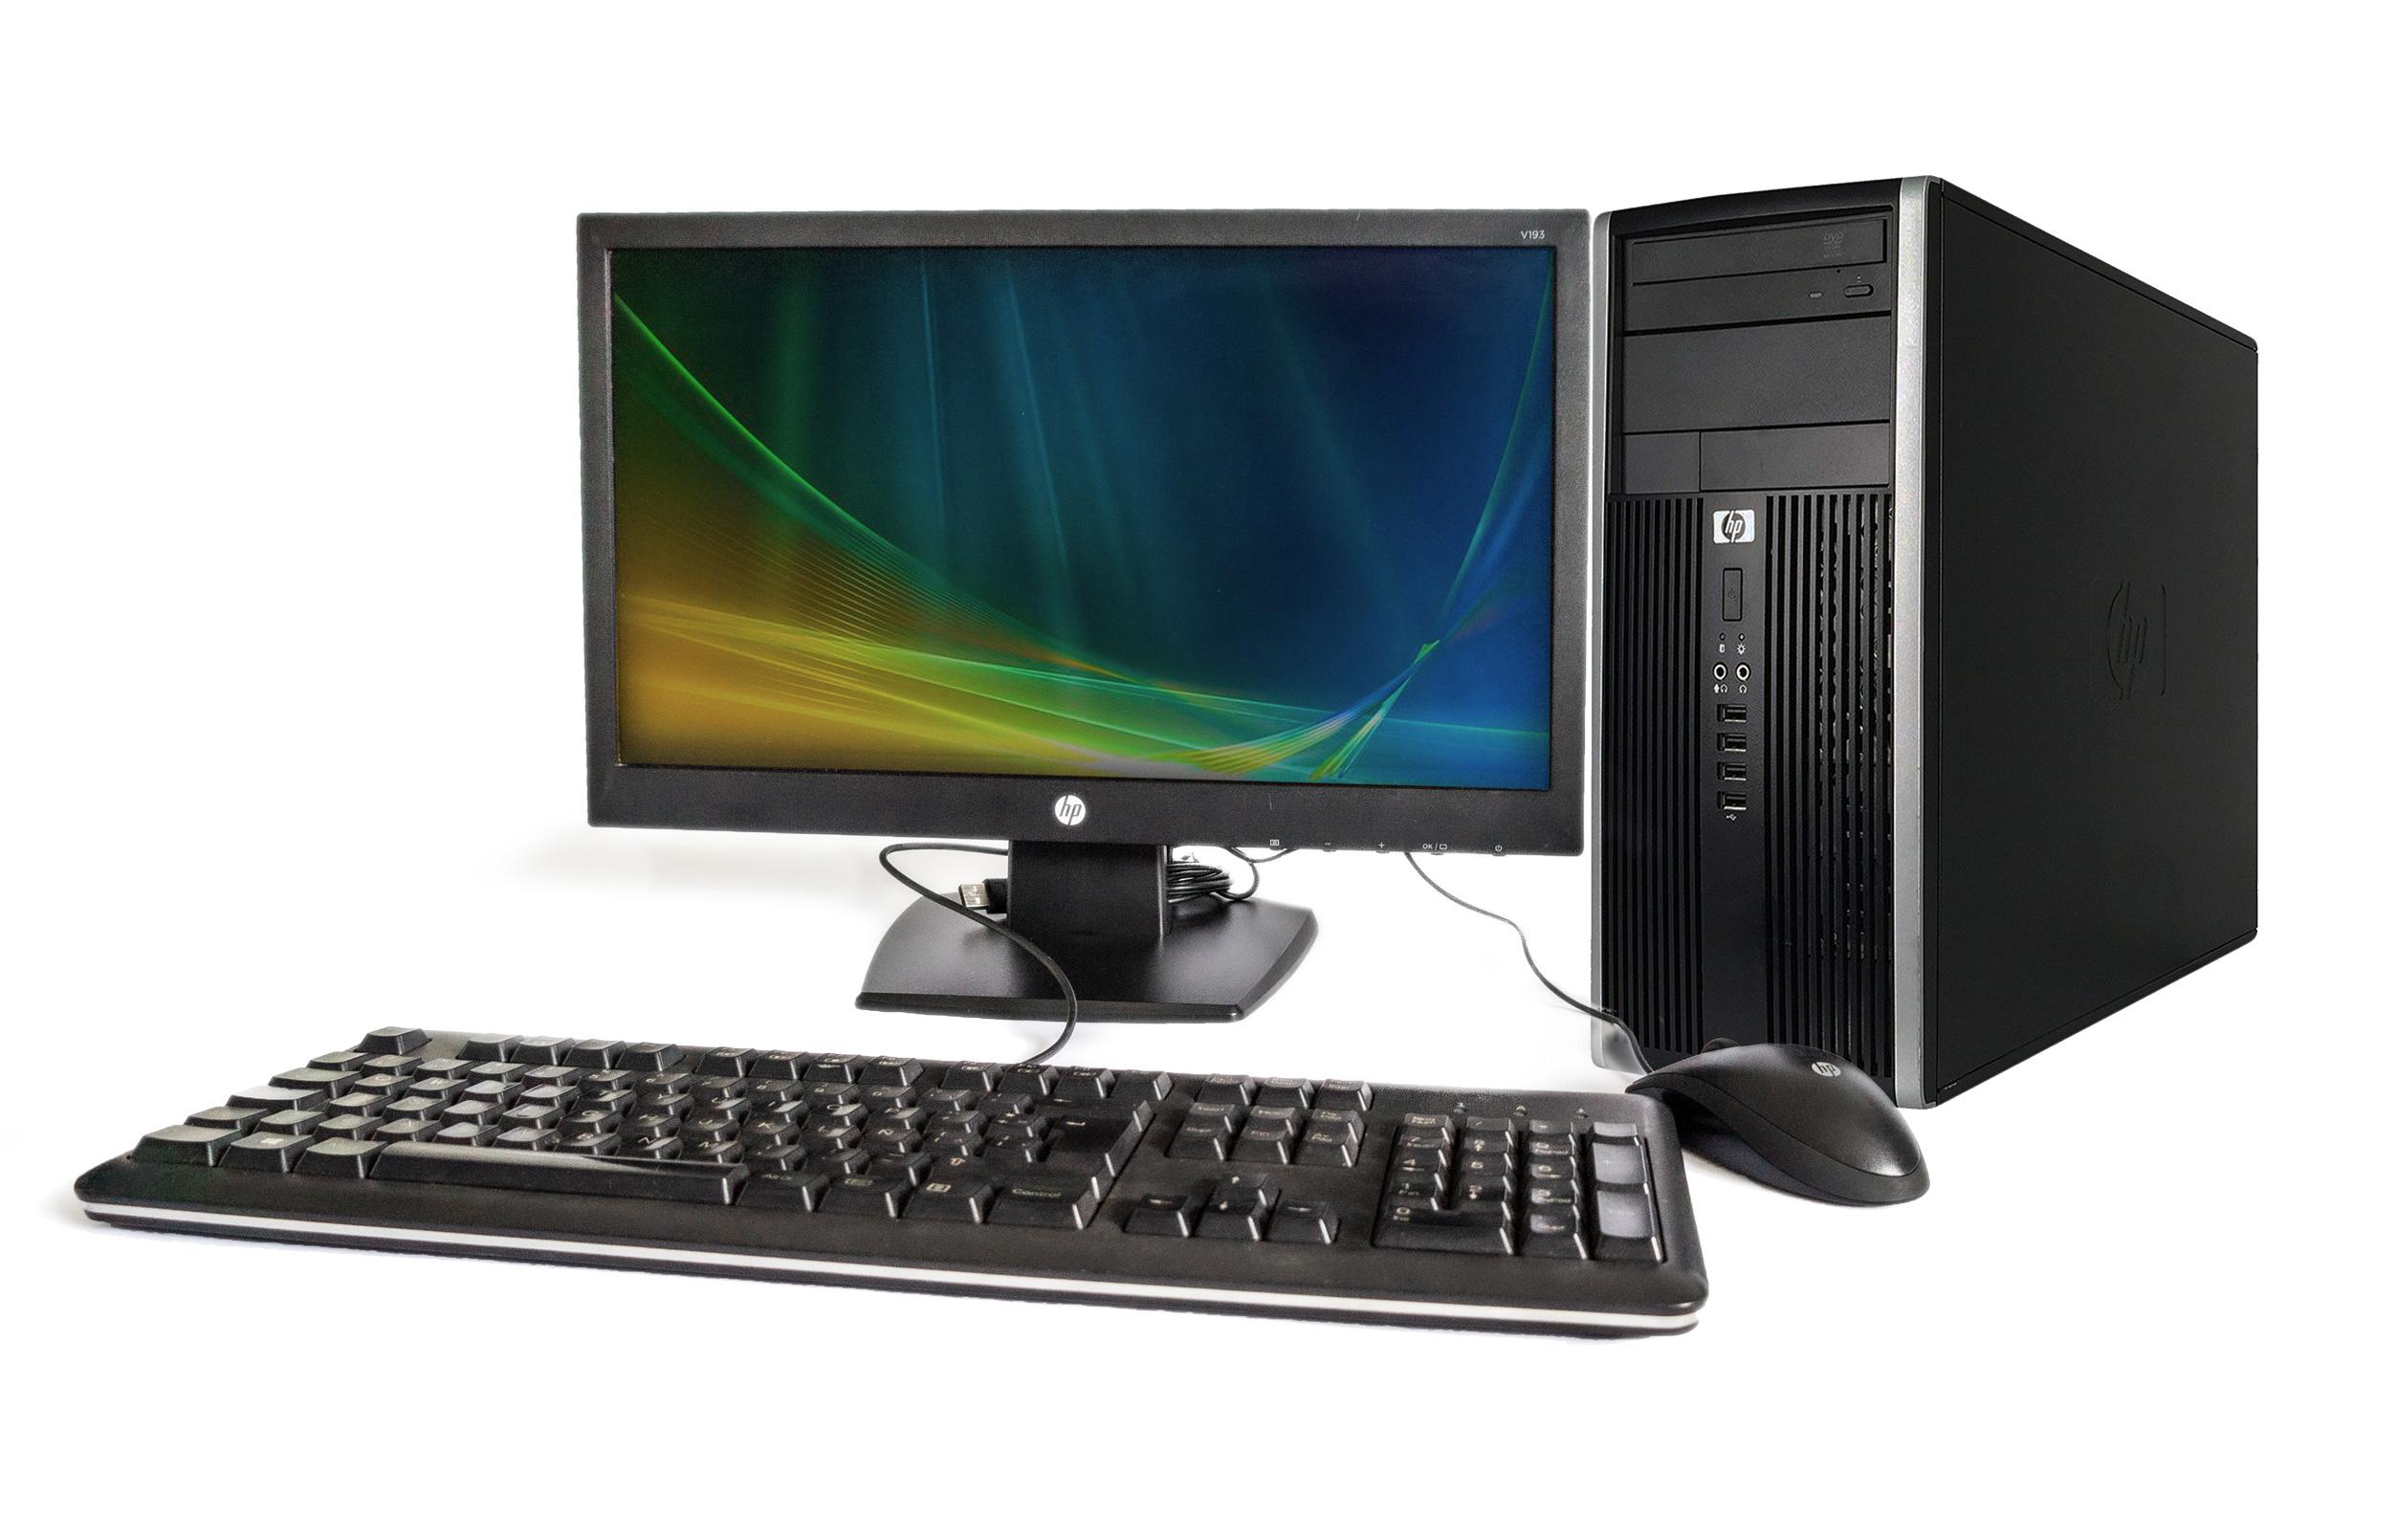 HP 6300 MT Pro